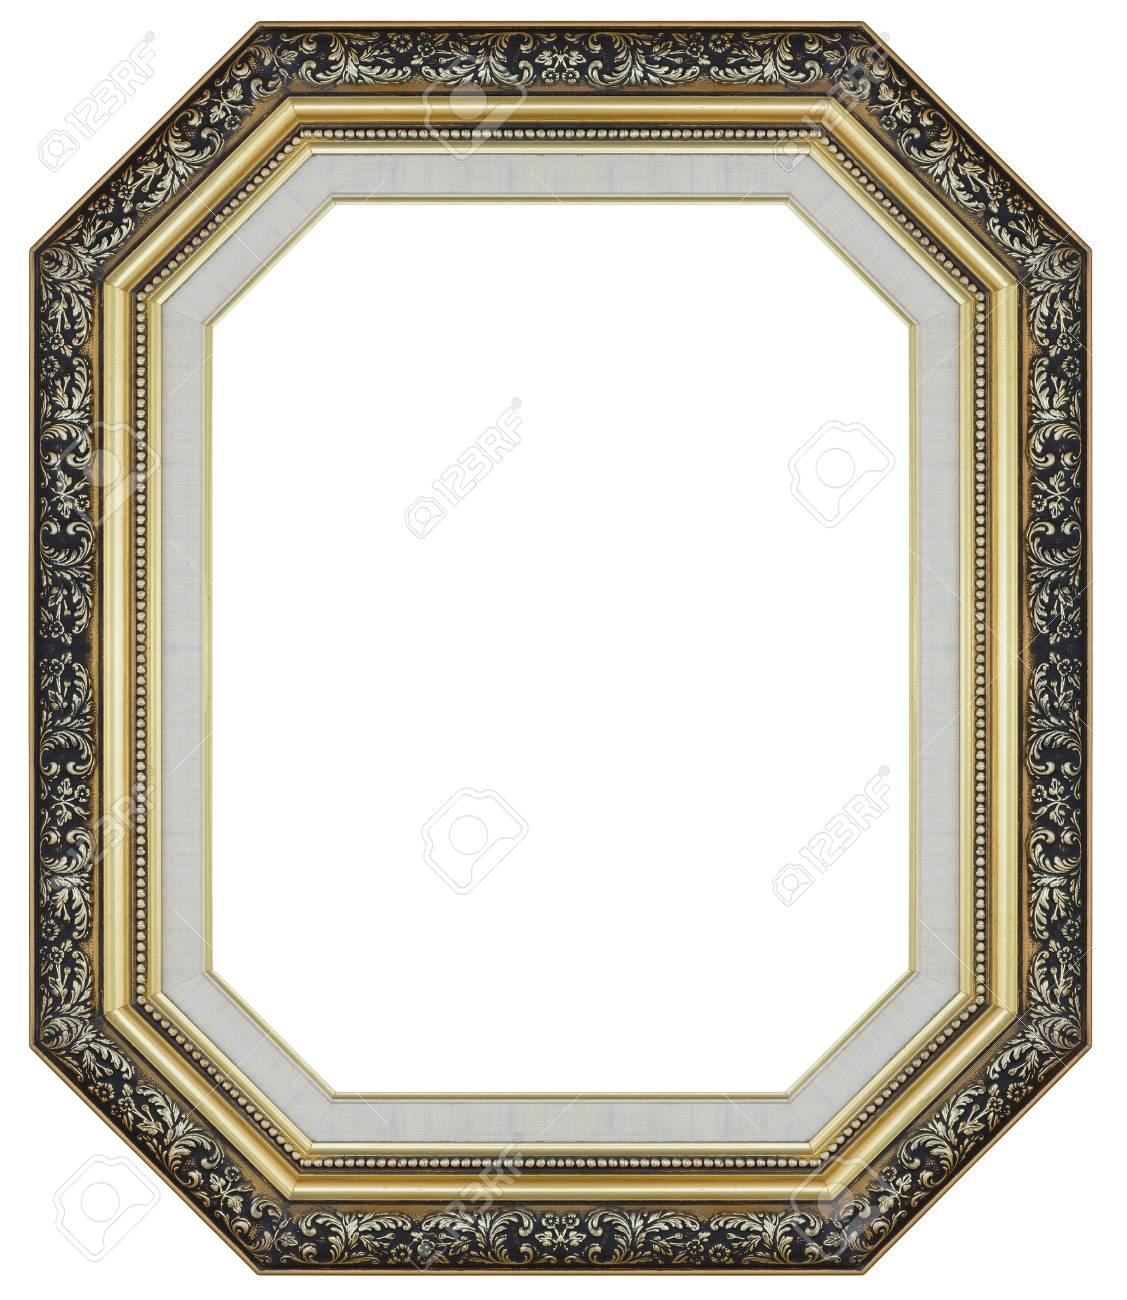 Alte Antike Gold Und Schwarzen Rahmen Isoliert Dekorativ ...